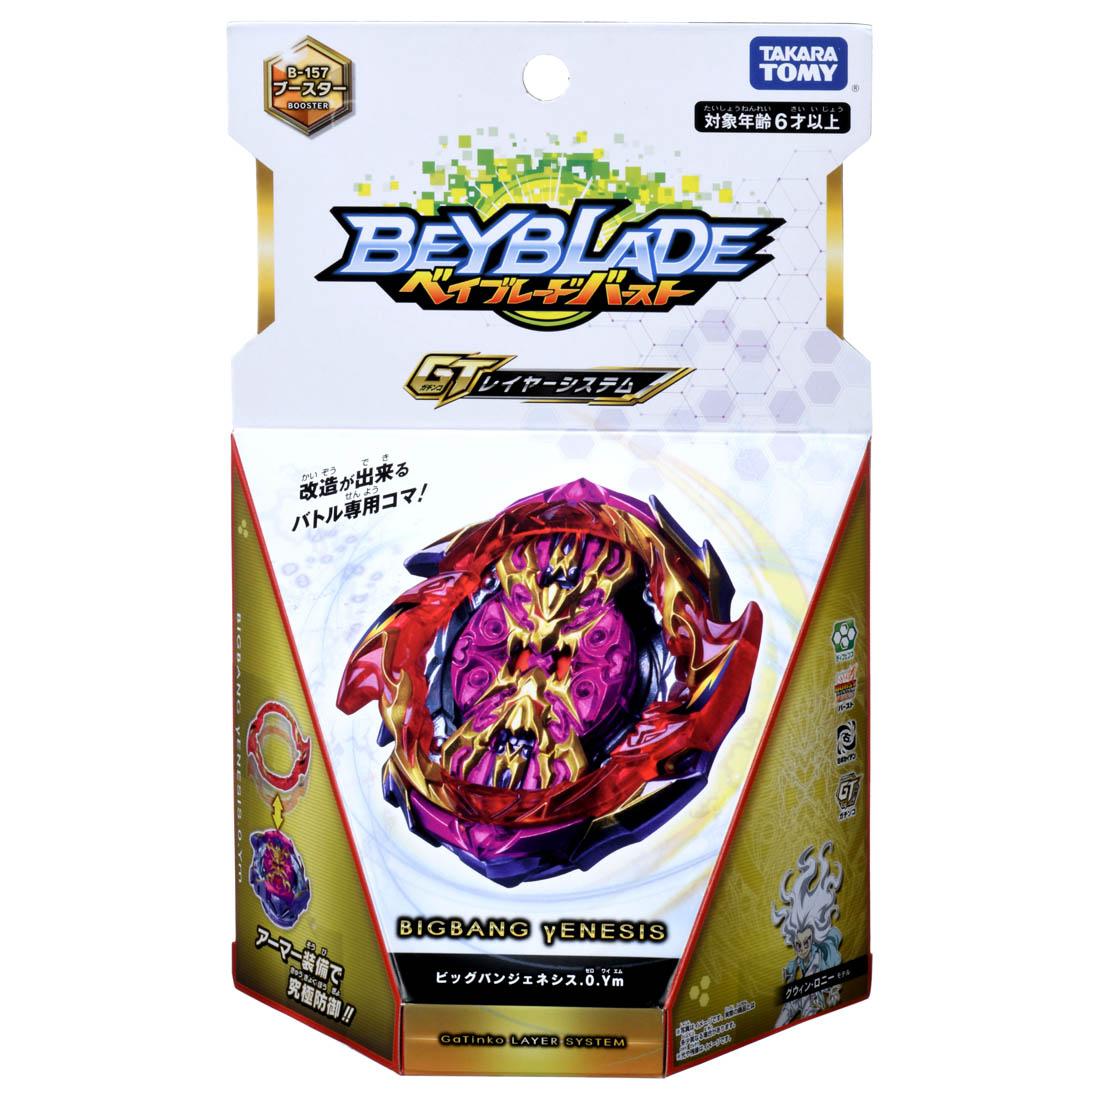 ベイブレード バースト『B-157 ブースター ビッグバンジェネシス.0.Ym』ベイブレード-002